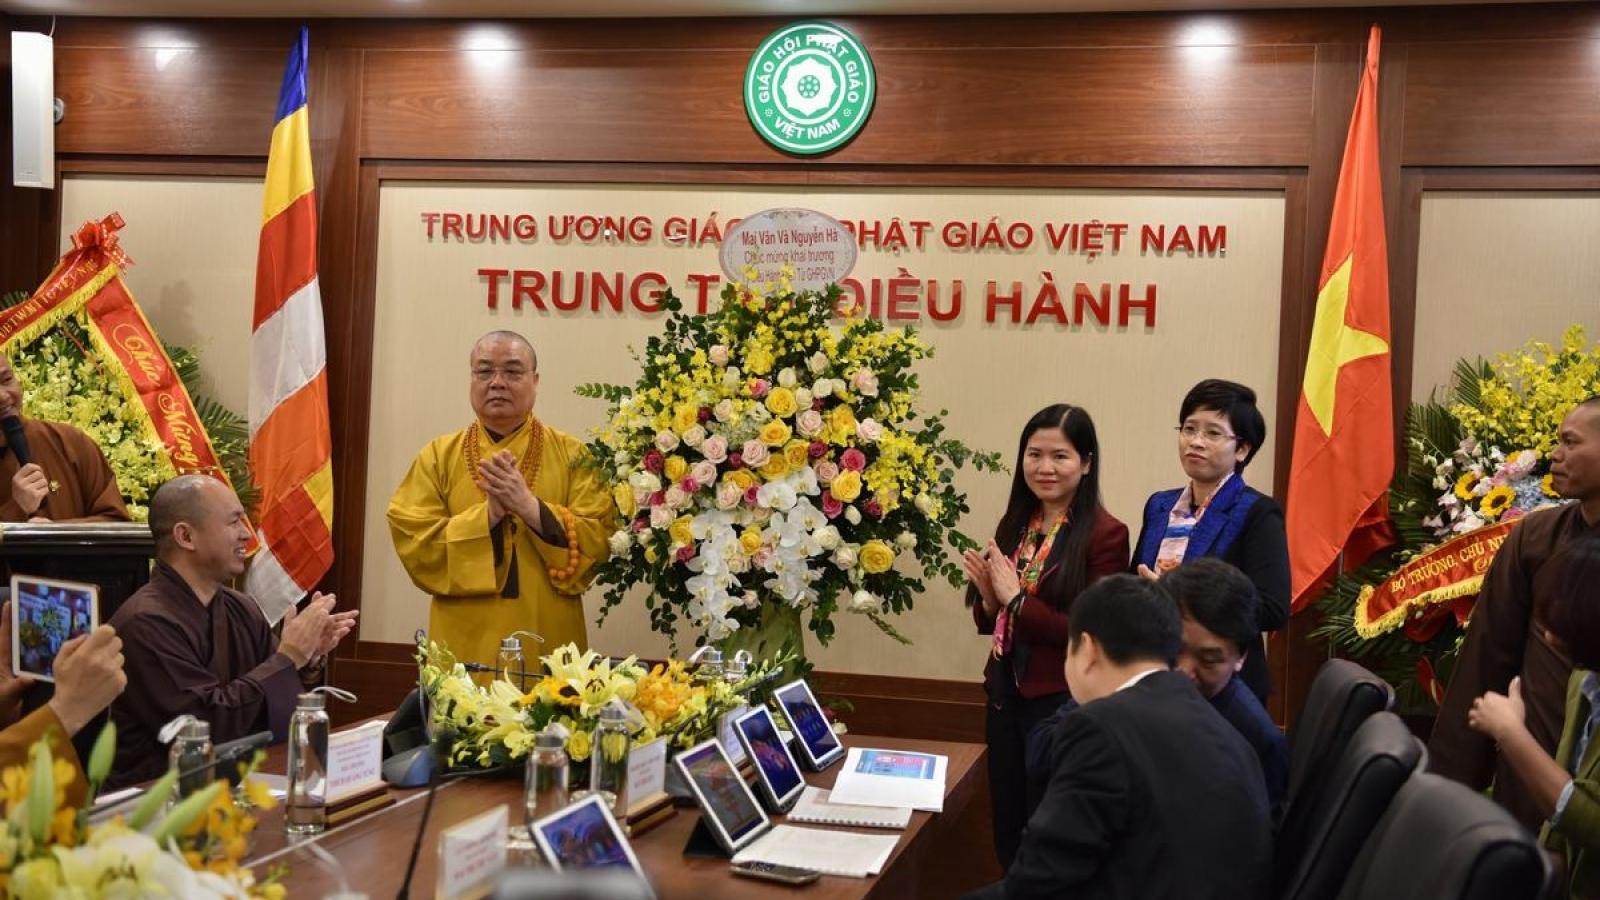 Giáo hội Phật giáo yêu cầu tạm dừng mọi hoạt động, sinh hoạt tôn giáo tập trung đông người